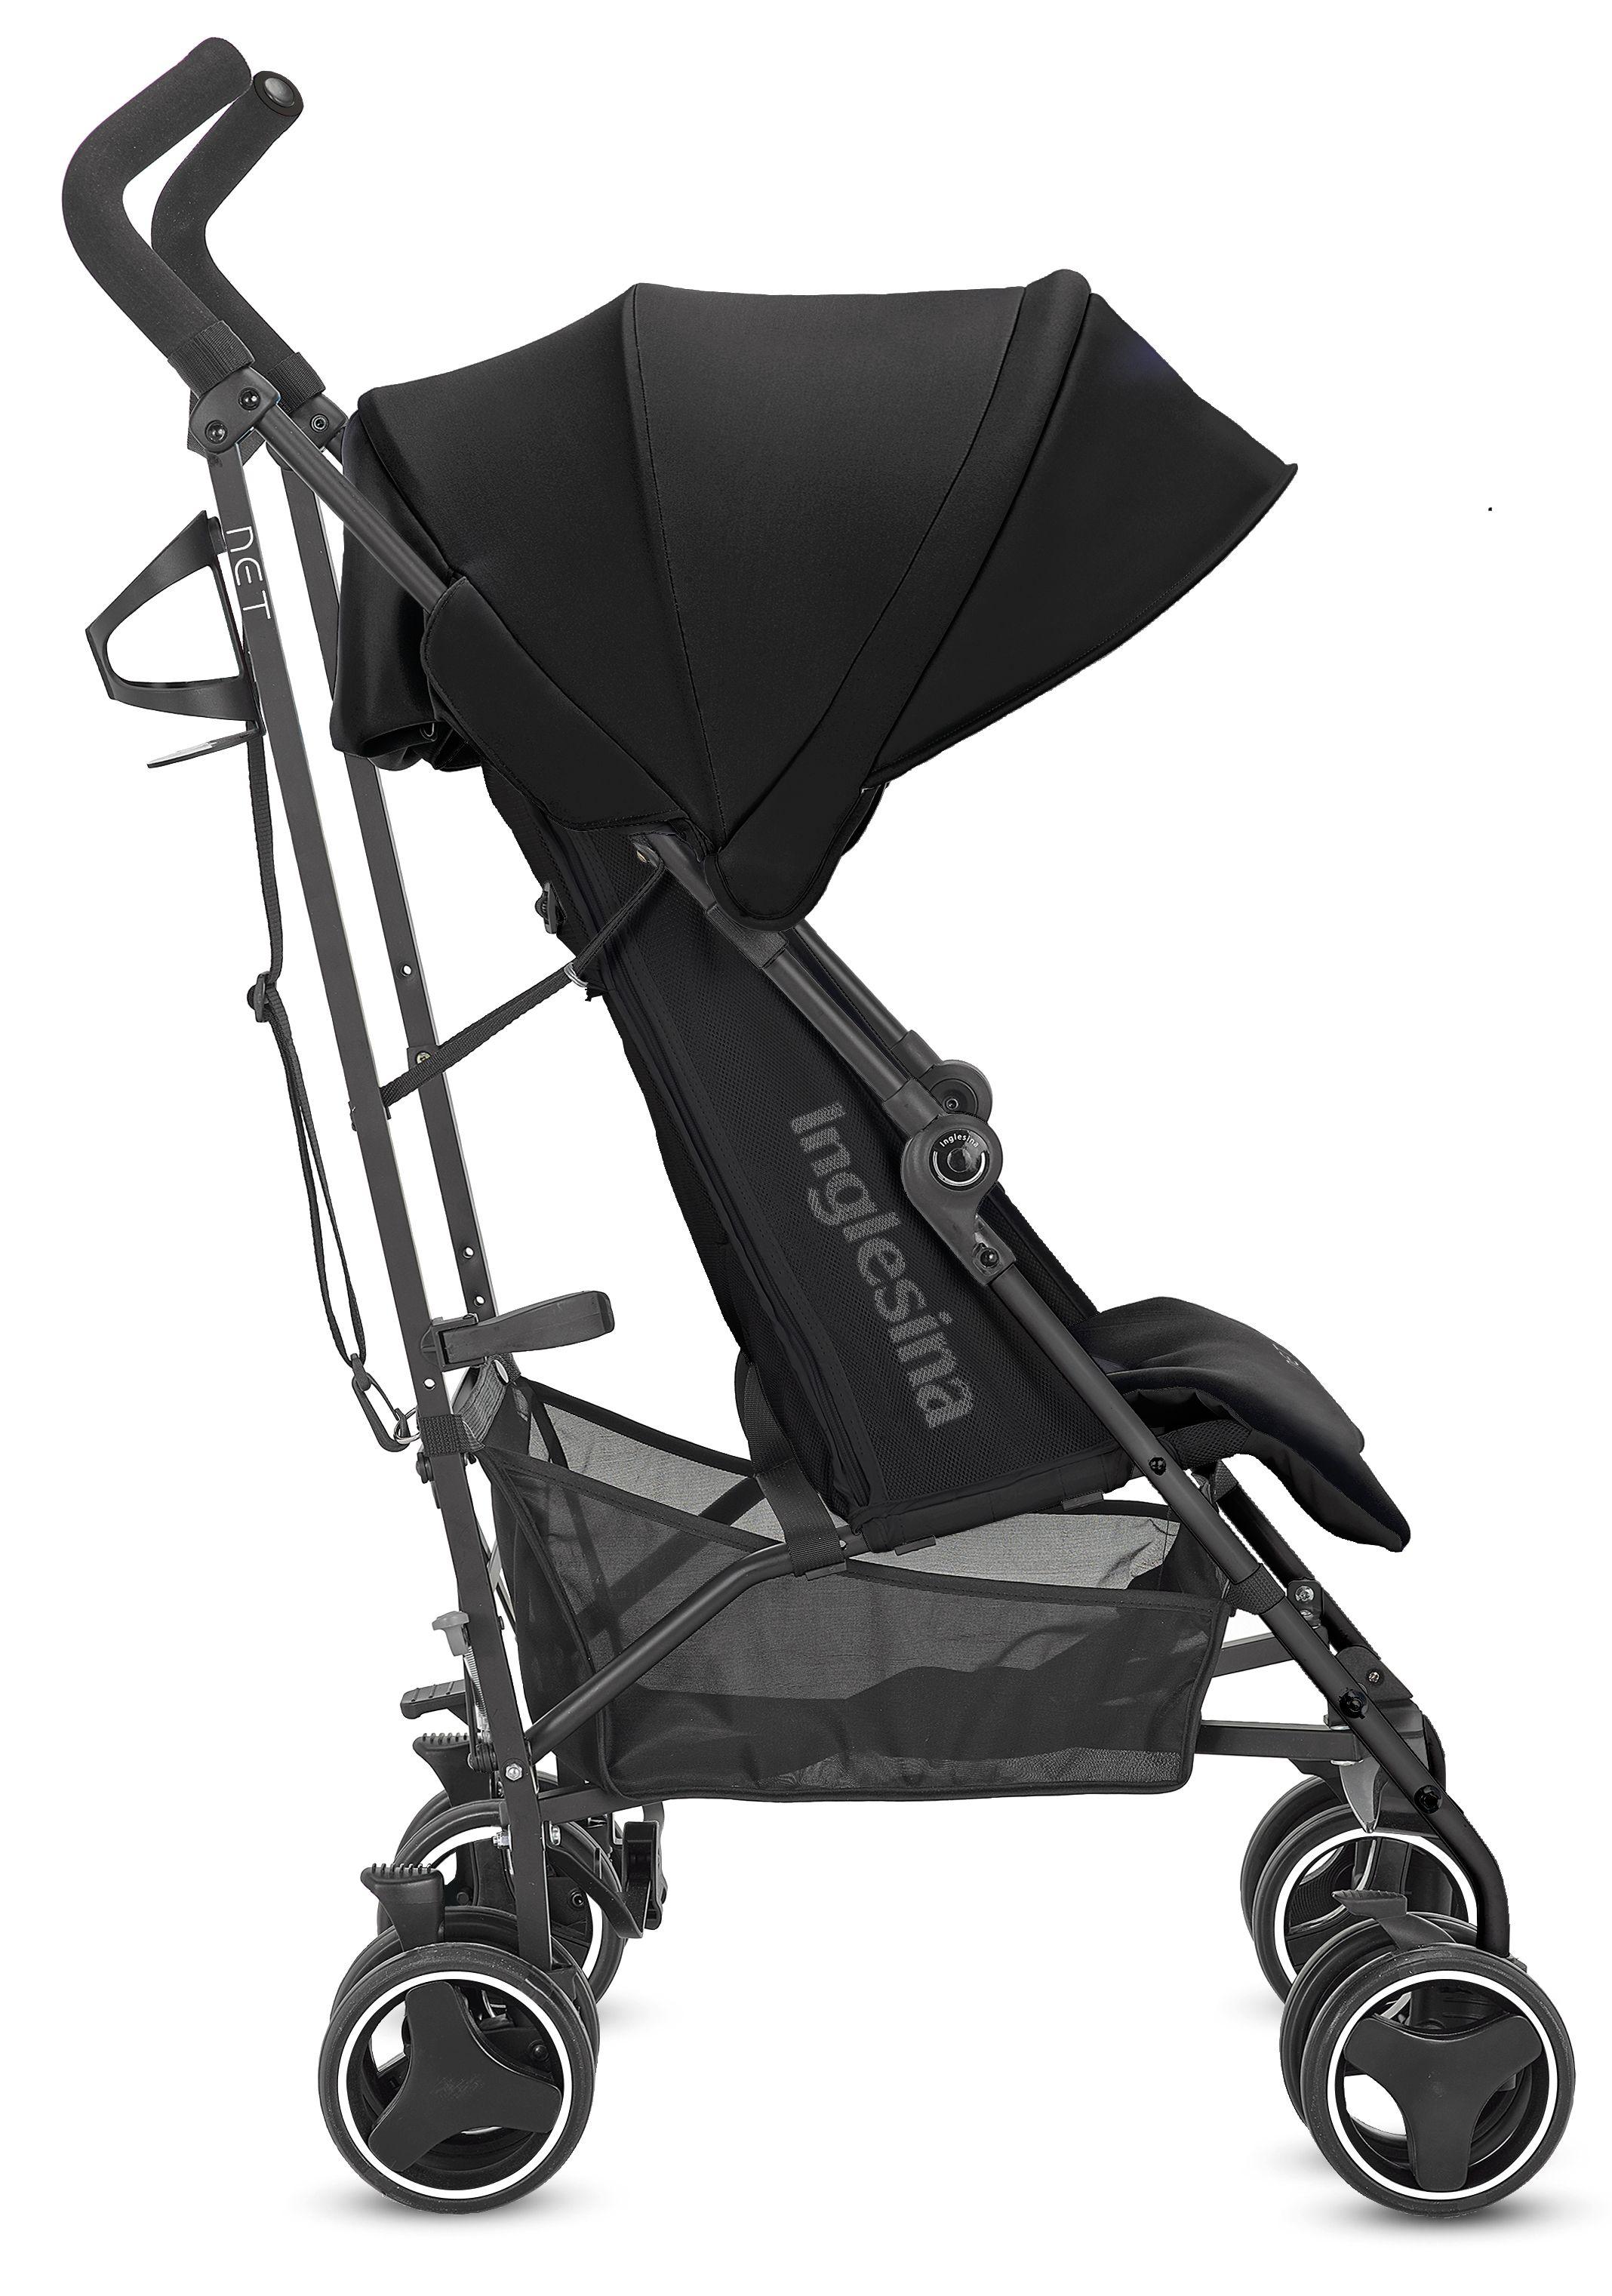 Net Stroller Canopy Stroller, Travel stroller, Twin pram